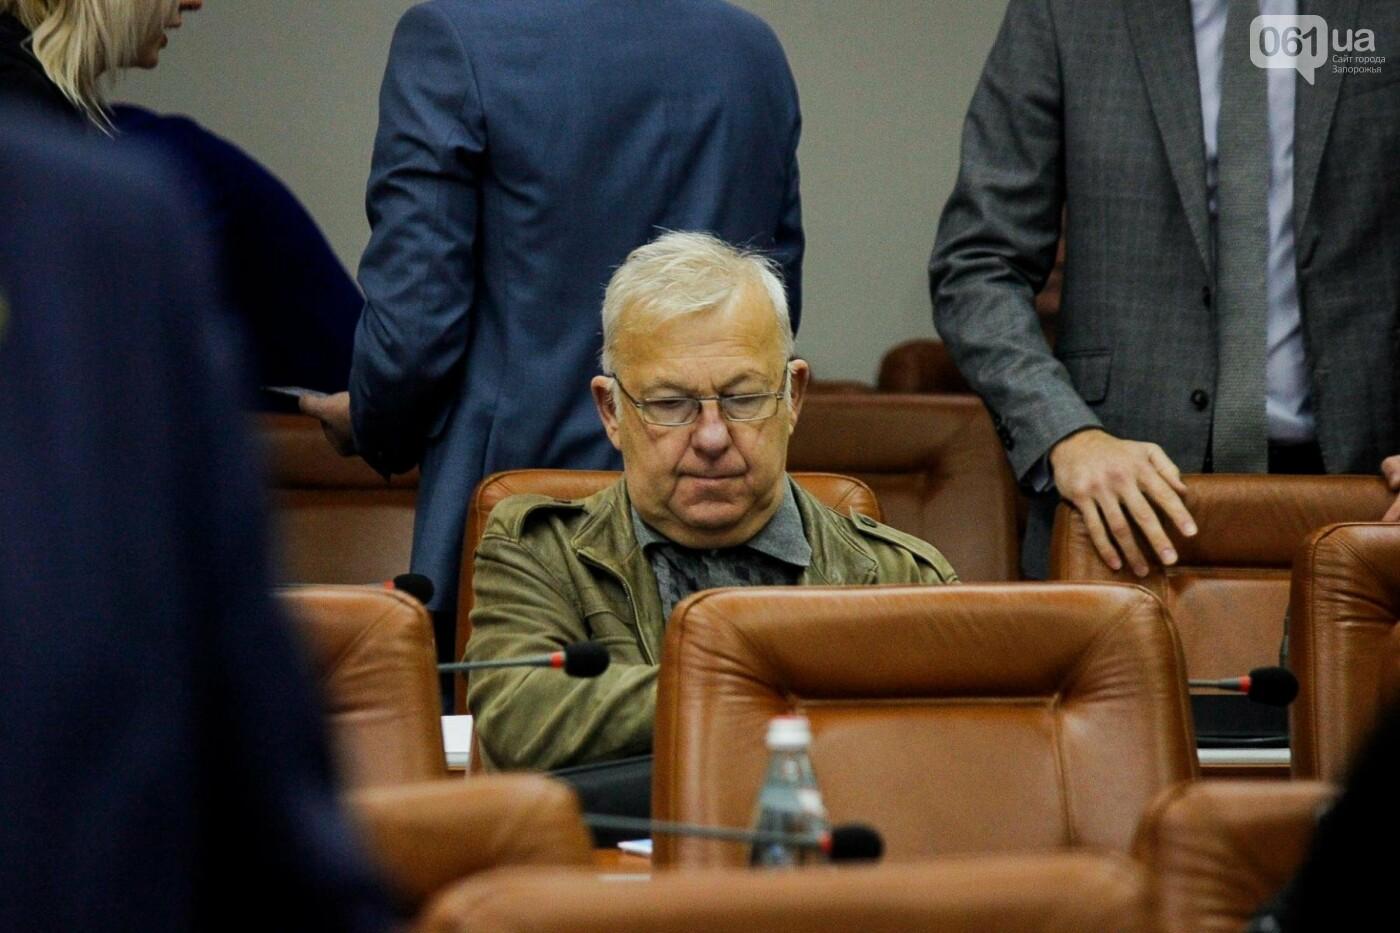 Сессия запорожского горсовета в 55 фотографиях, - ФОТОРЕПОРТАЖ, фото-19